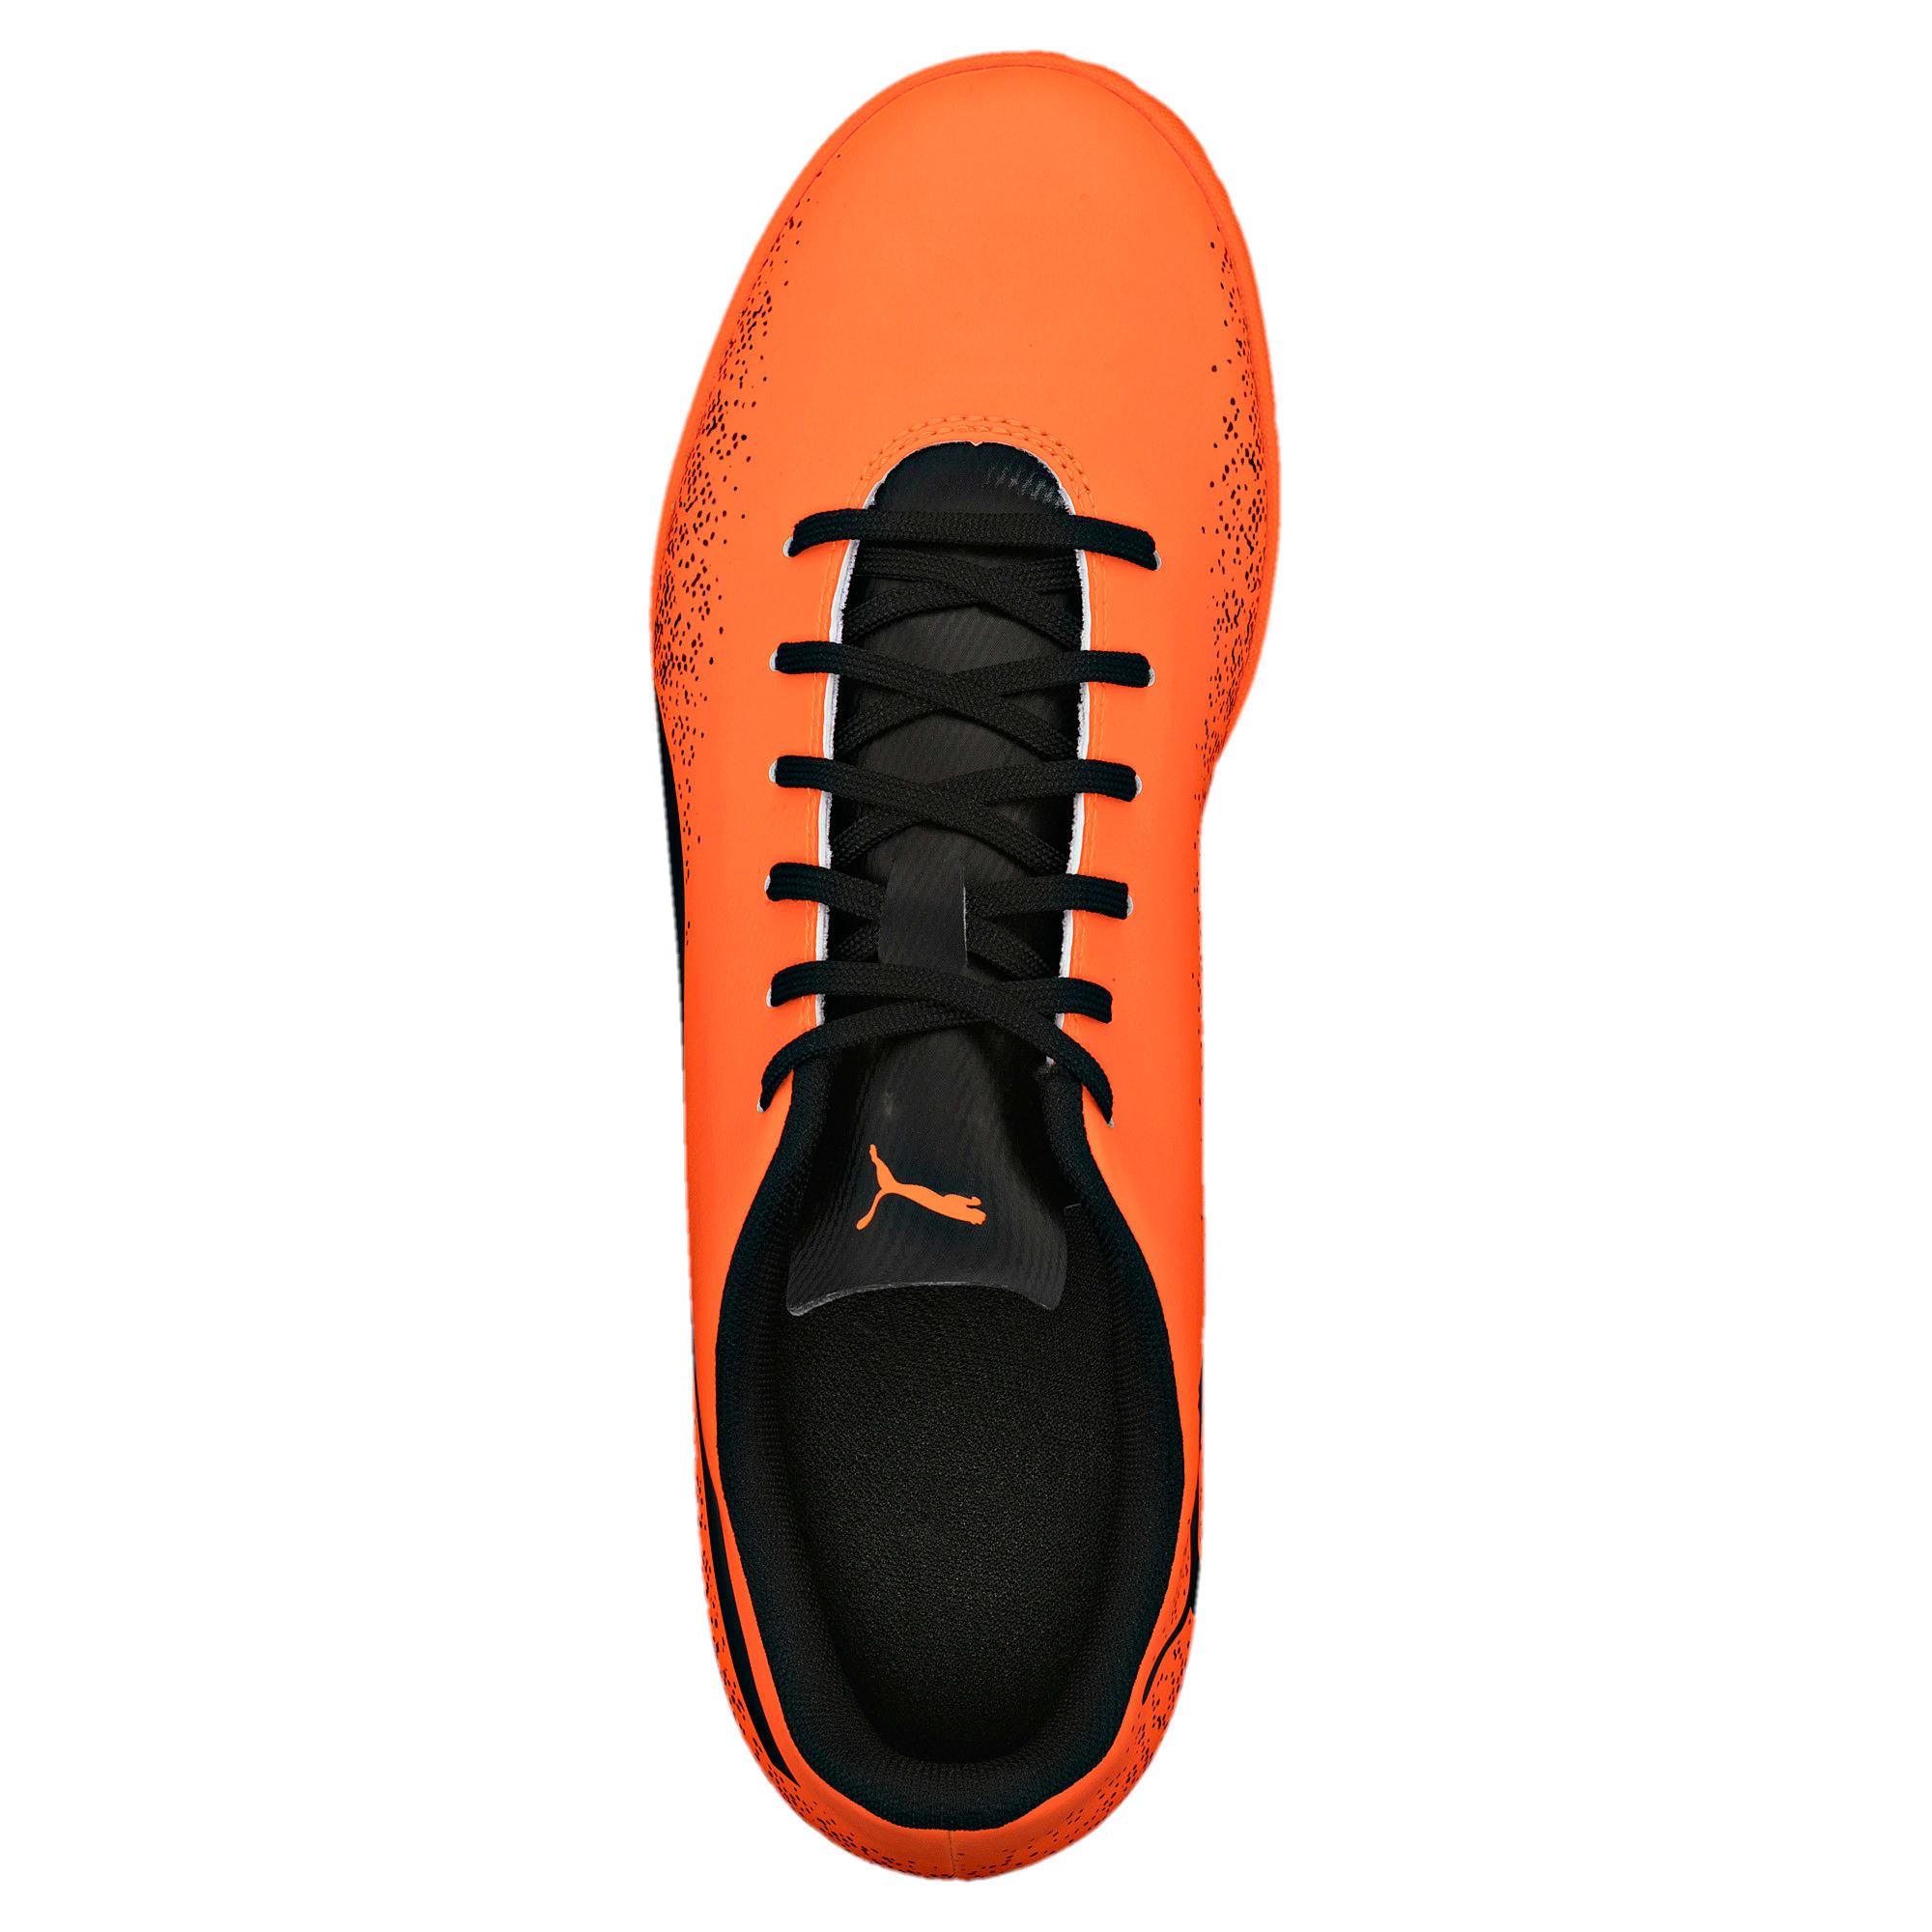 Thumbnail 3 of Truora IT Men's Indoor Training Shoes, Orange-Black-Cordovan, medium-IND